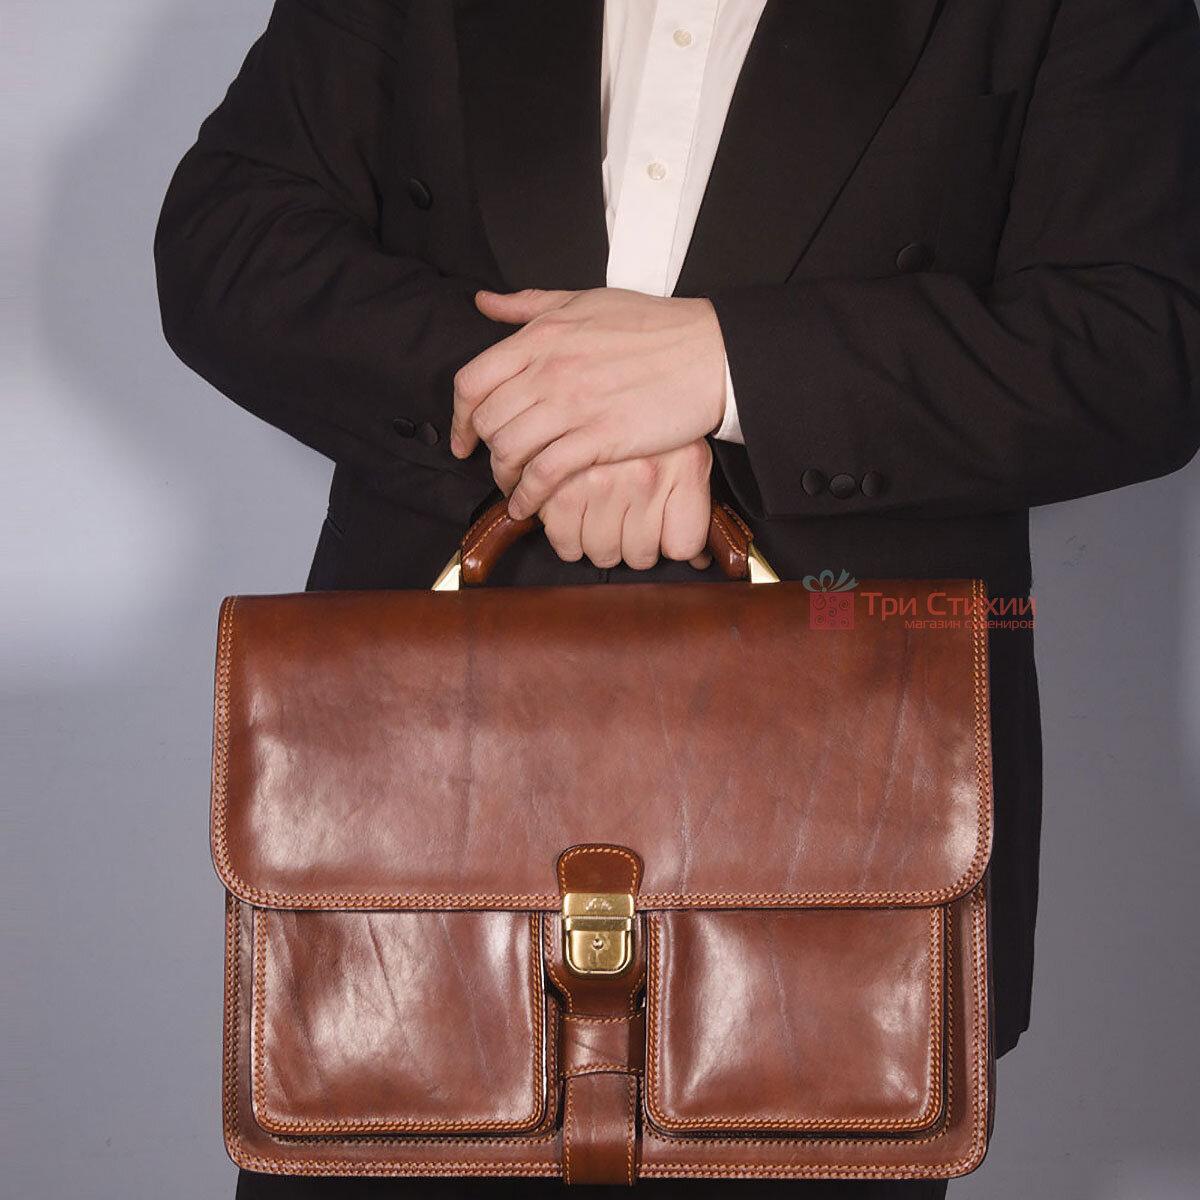 Портфель Tony Perotti Italico 8013-it cognac Коньячный, фото 6